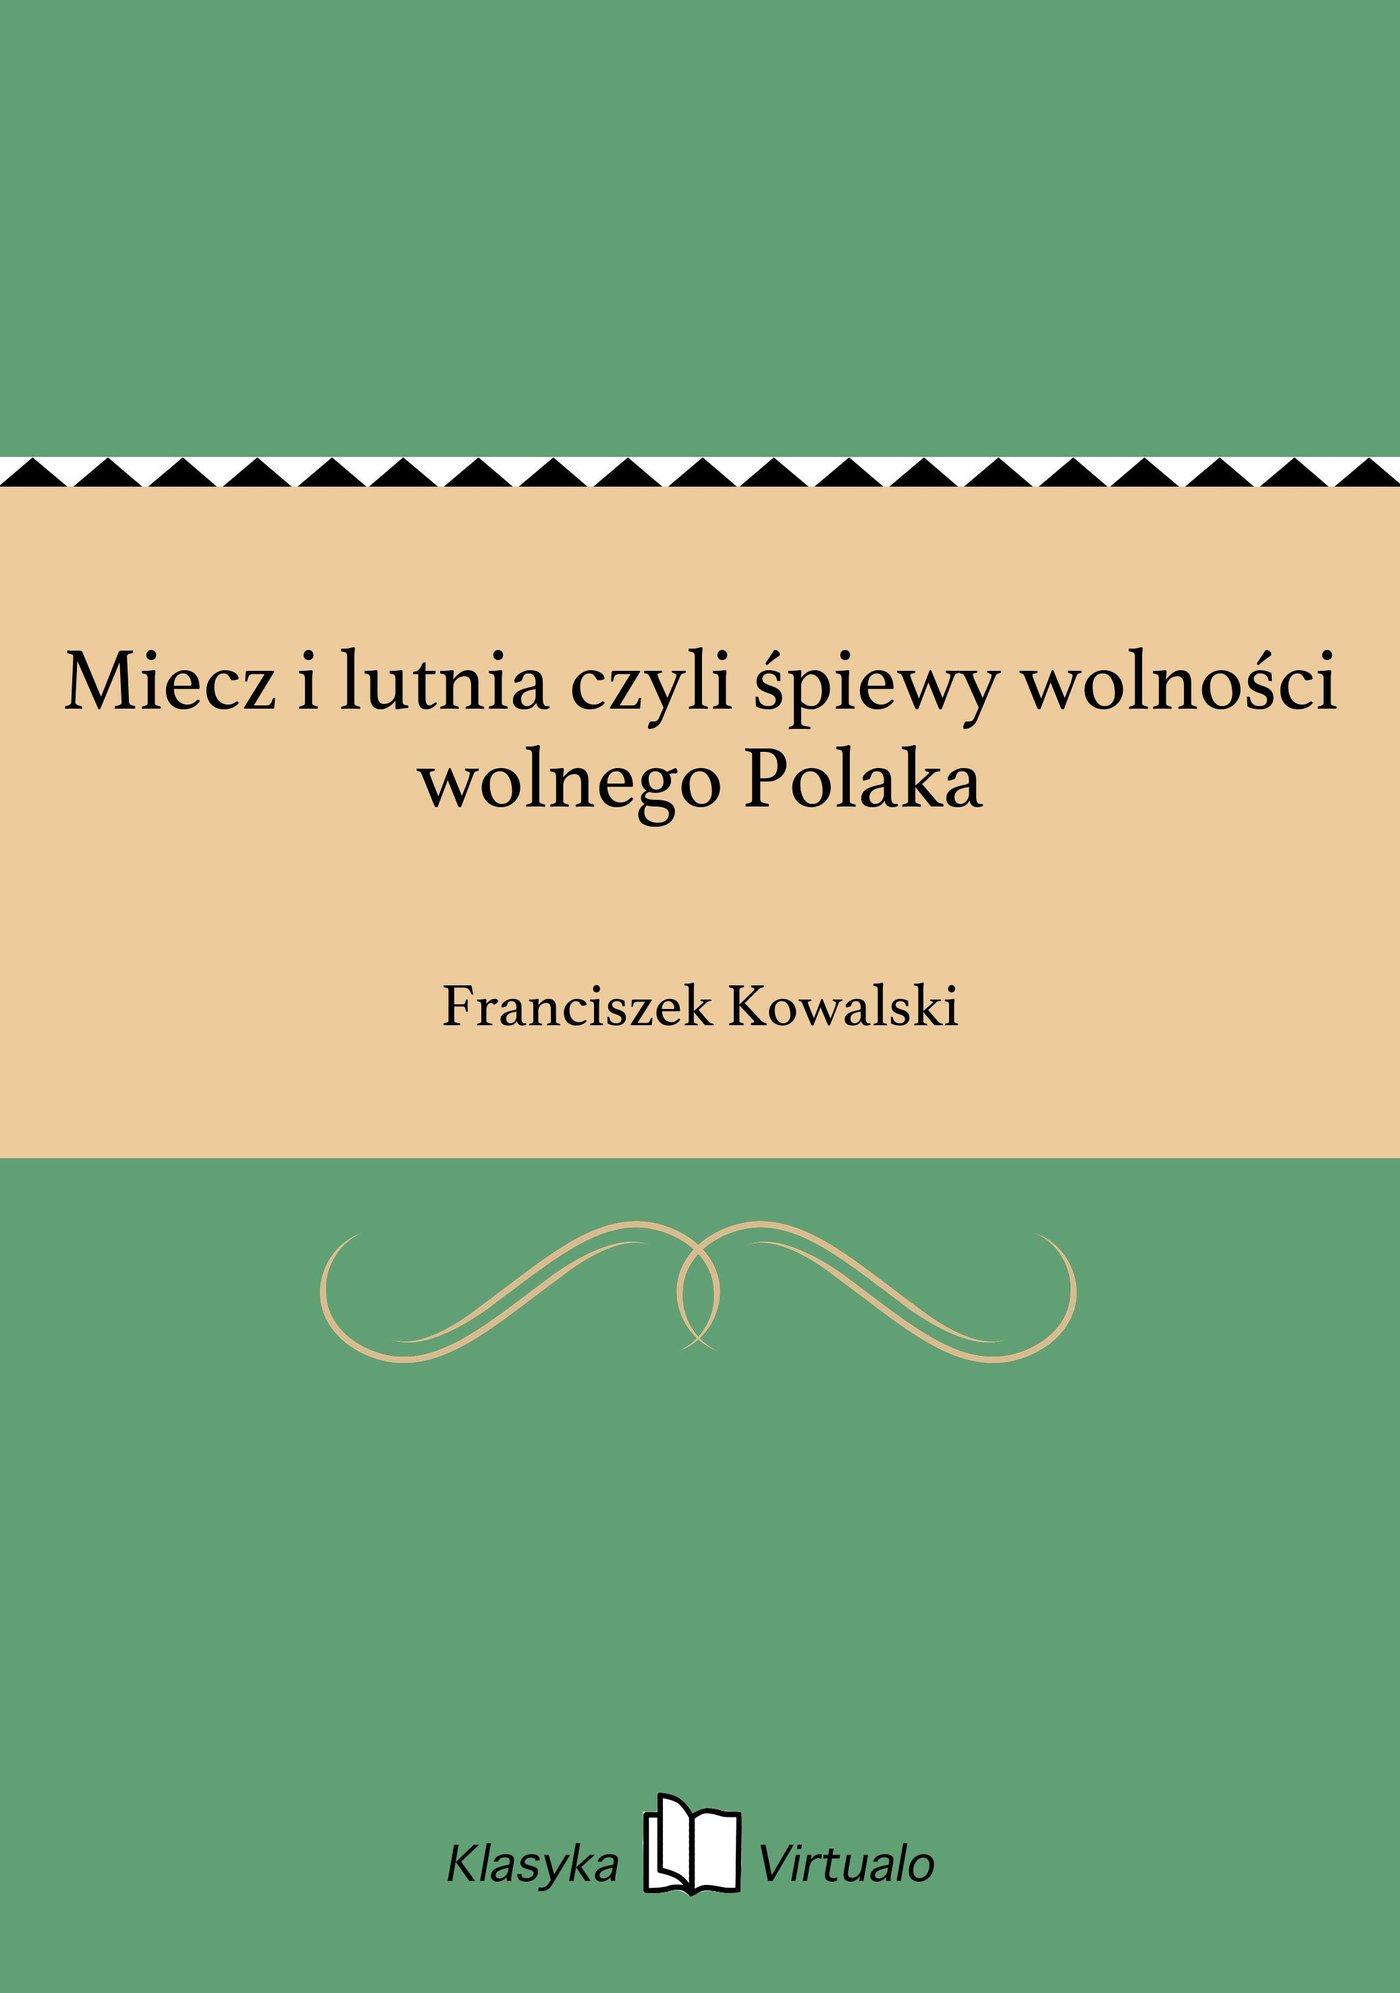 Miecz i lutnia czyli śpiewy wolności wolnego Polaka - Ebook (Książka na Kindle) do pobrania w formacie MOBI